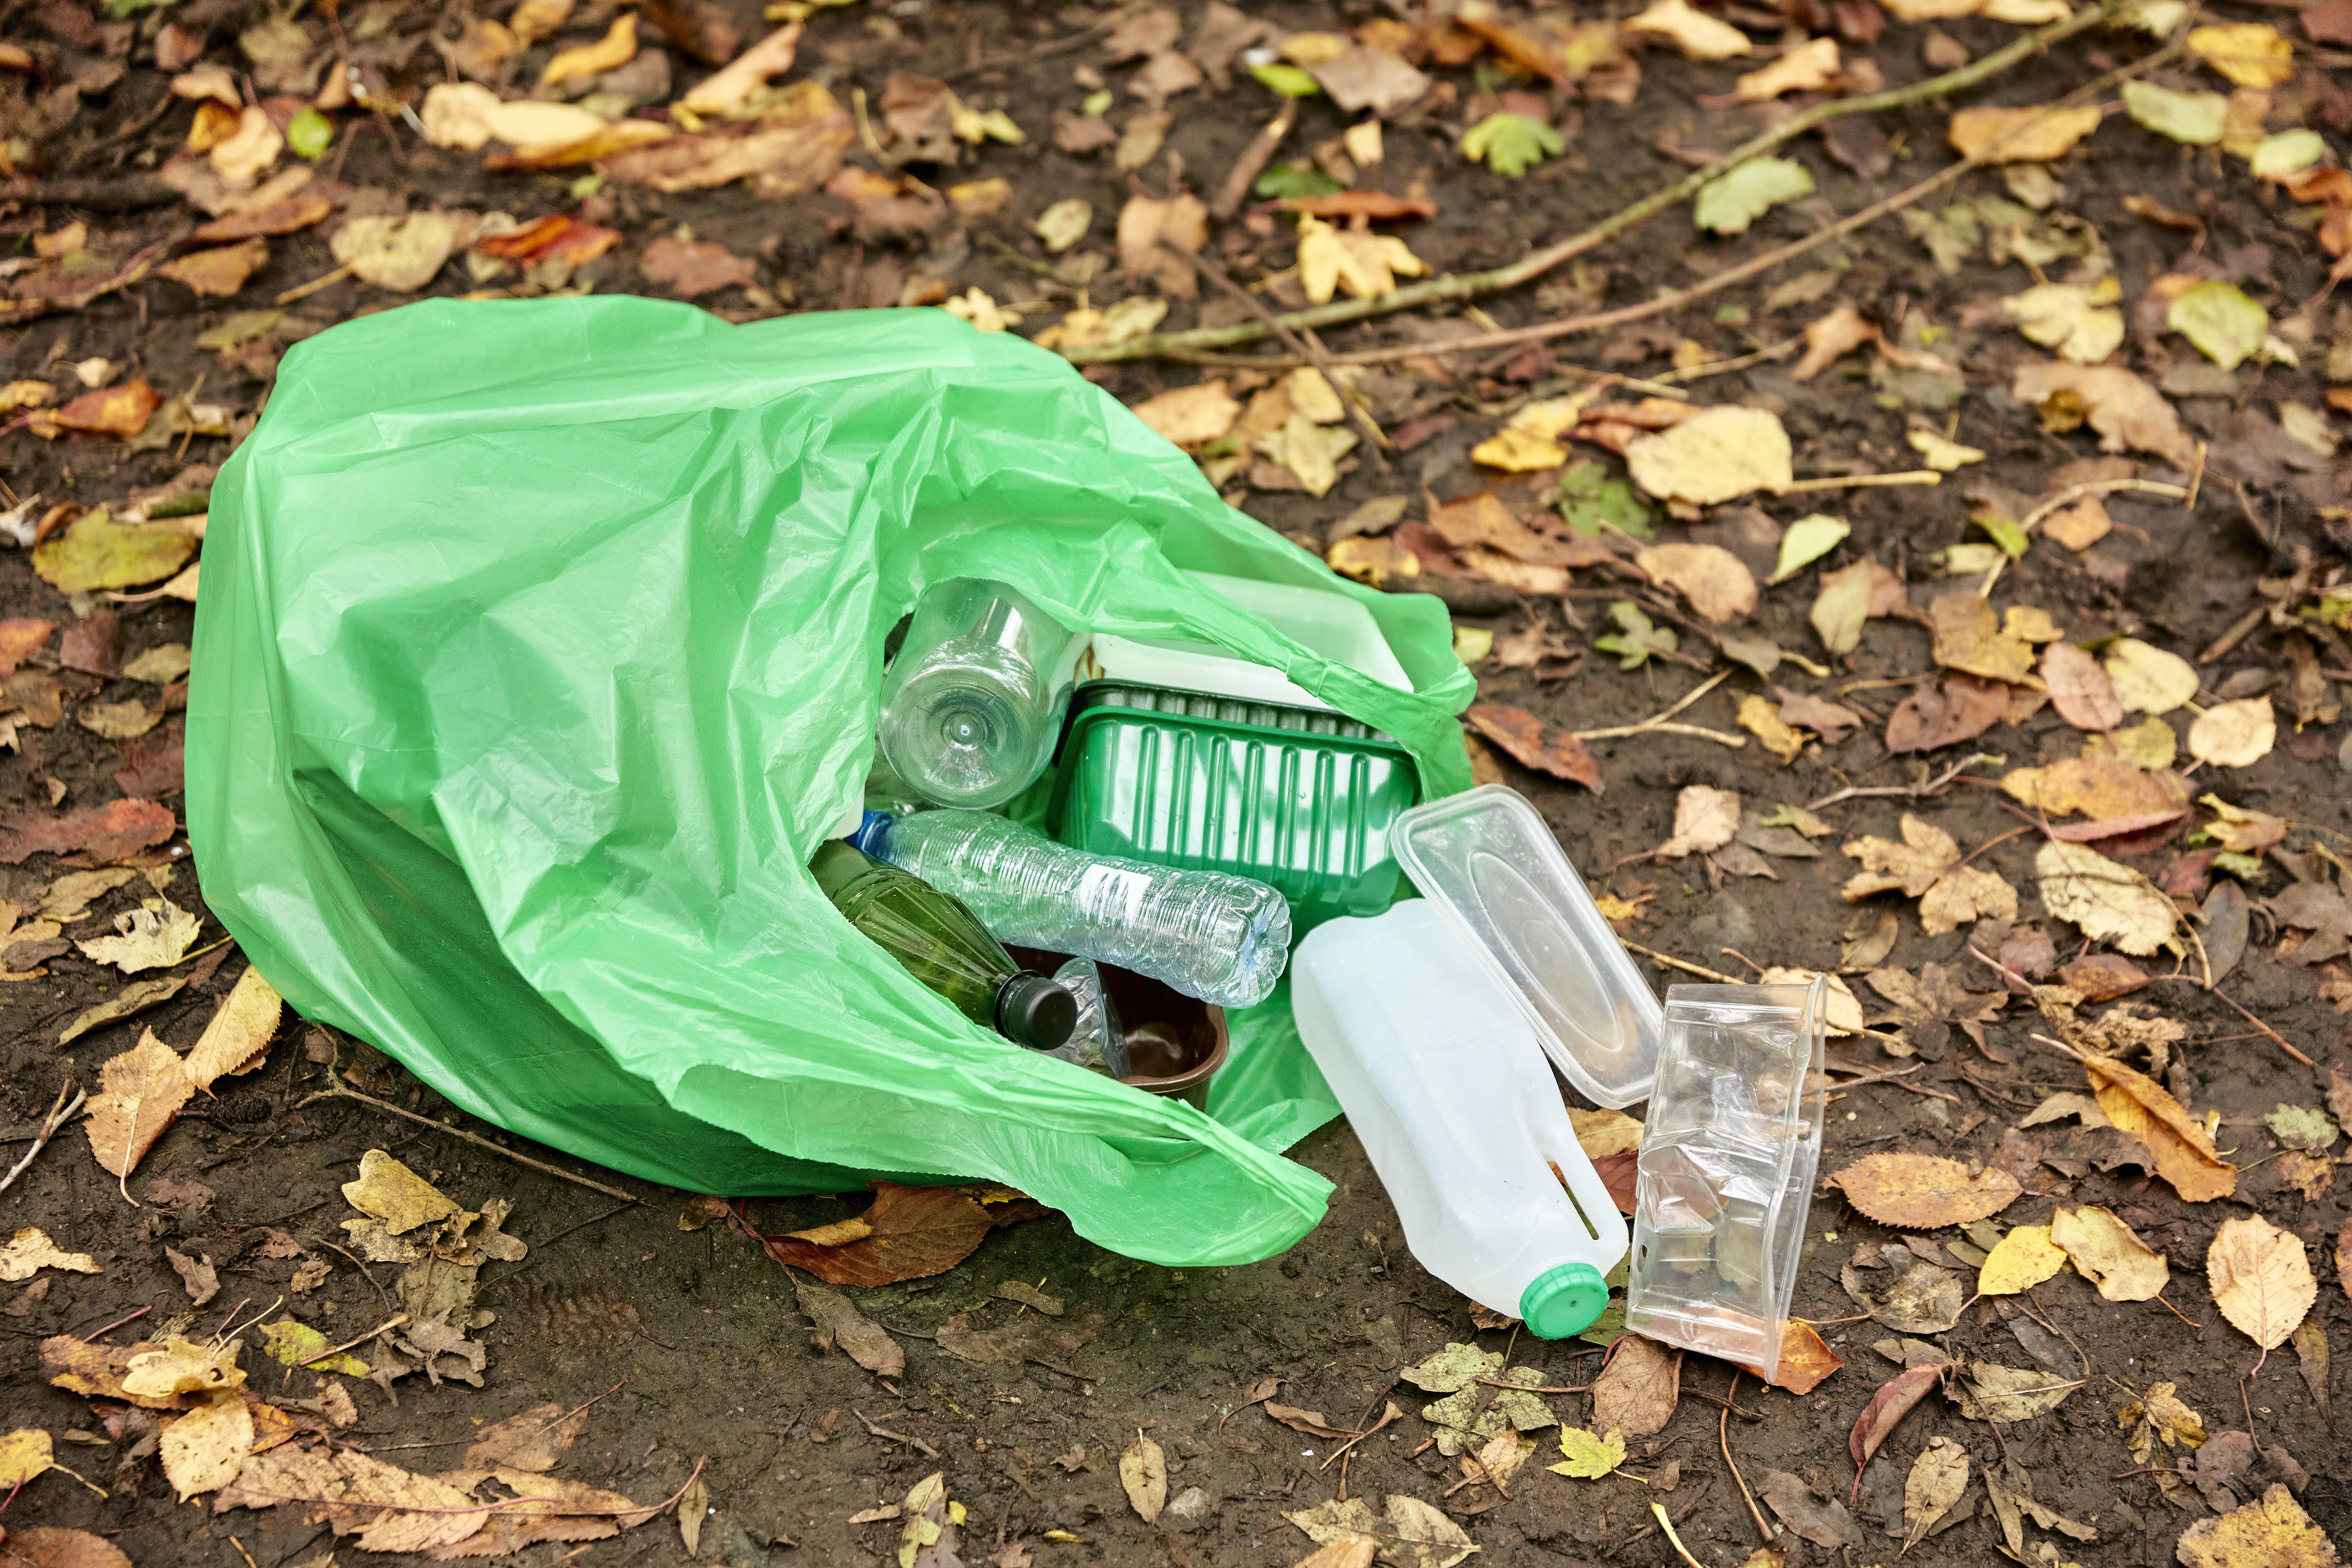 A kormány 2021-től betiltaná az egyszer használatos műanyagokat